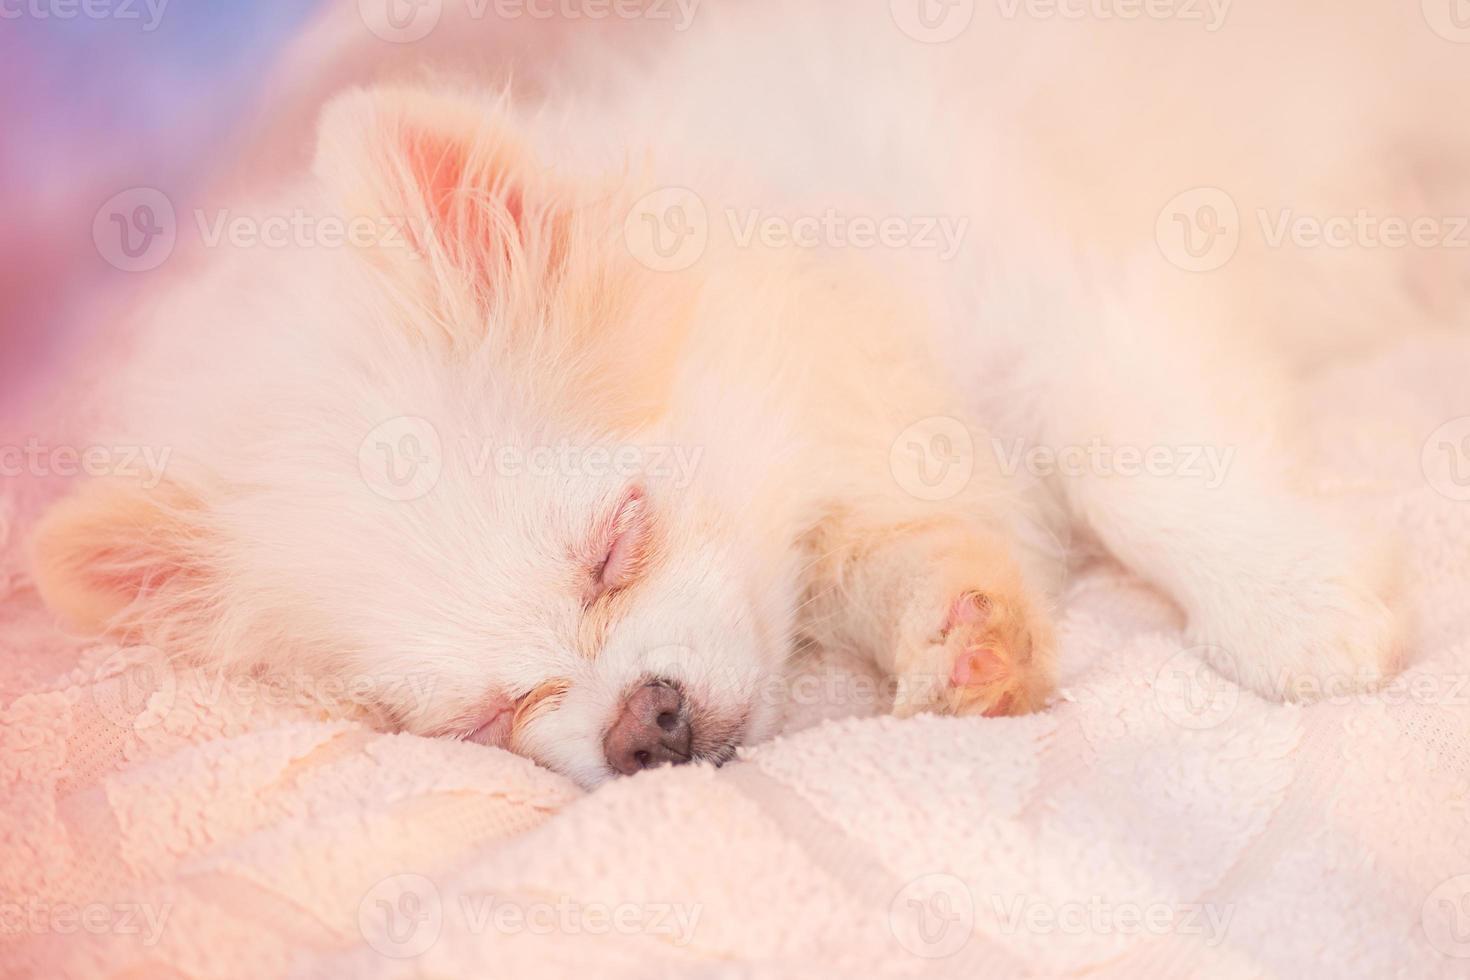 cachorro spitz branco está dormindo. Pomerânia adormecida de cor creme. sono, ternura. bicho de estimação foto